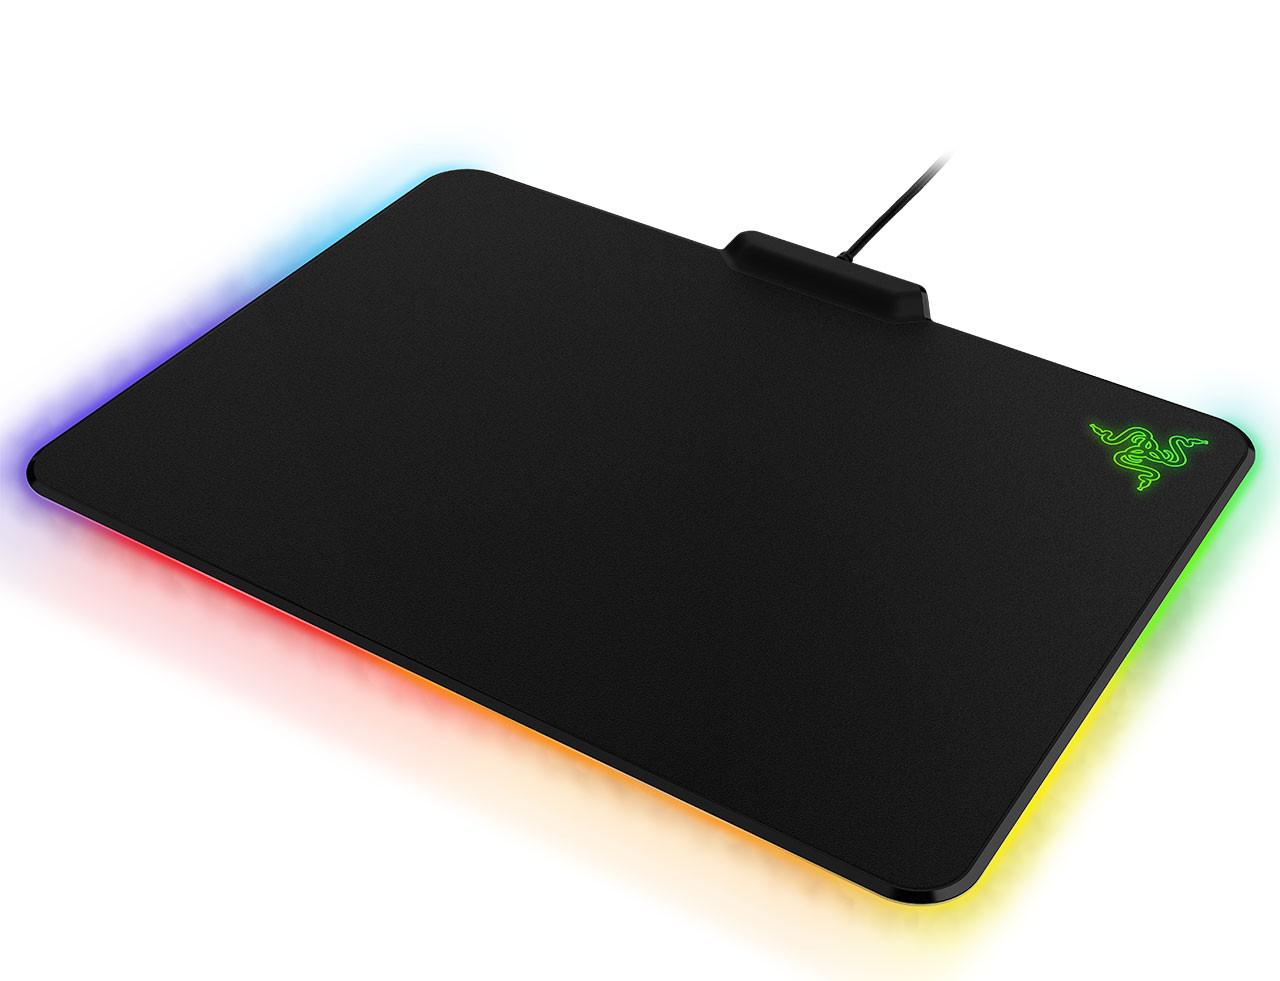 RGB LED alapú világítási rendszerek egyre több PC-s kiegészítőn vannak 94710c8e6a